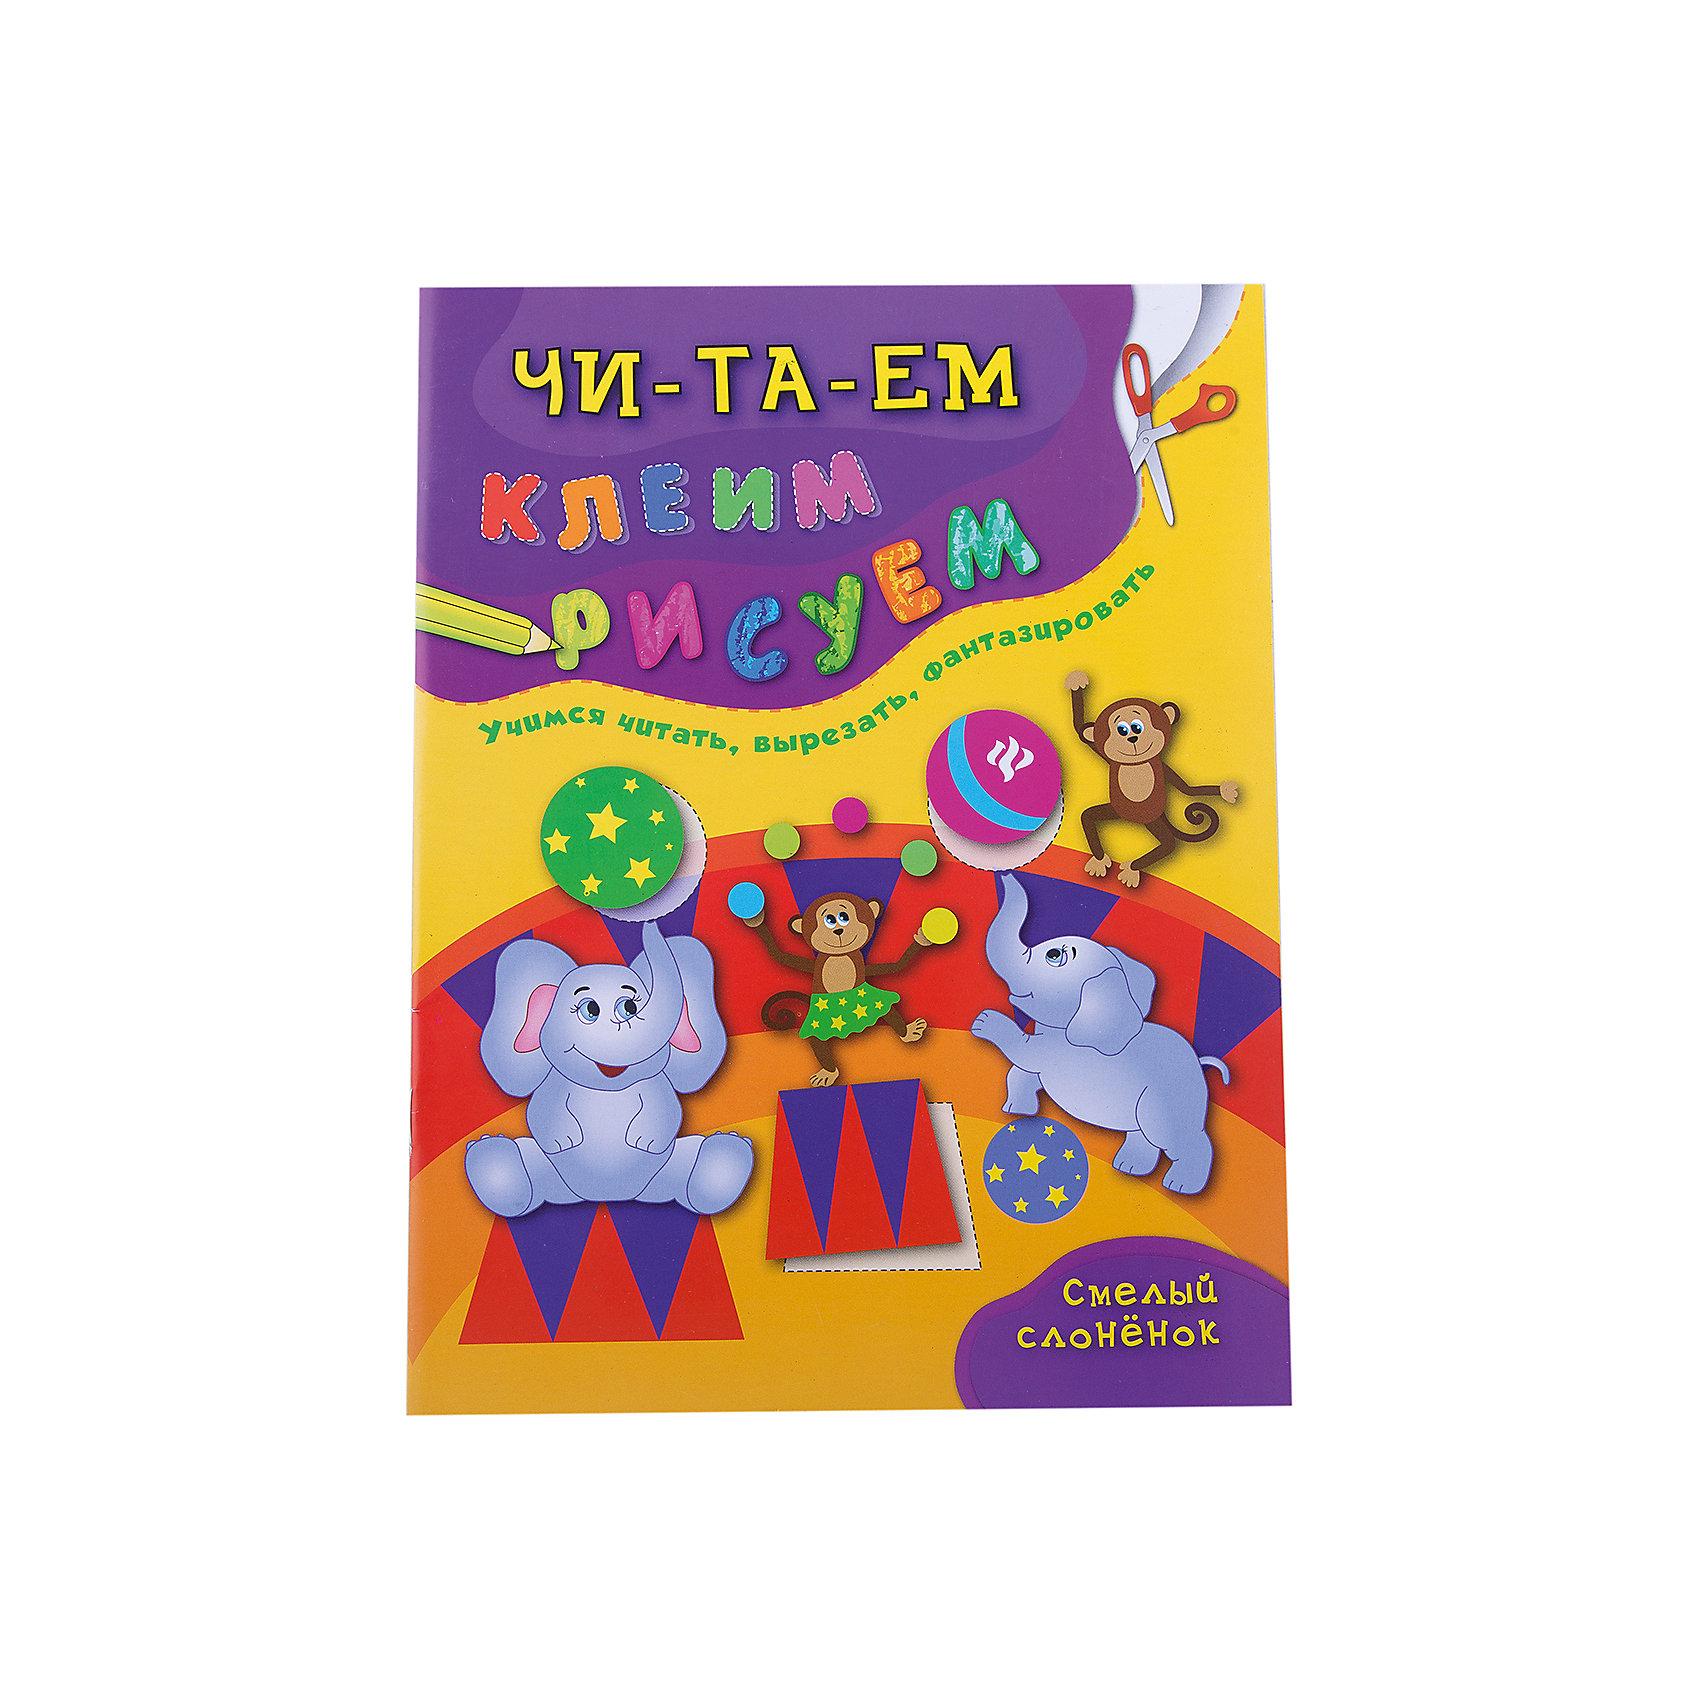 Смелый слоненокБумага<br>Характеристики товара: <br><br>• ISBN: 978-5-222-27974-8; <br>• возраст: от 3 лет;<br>• формат: 290х220; <br>• бумага: офсет; <br>• иллюстрации: цветные; <br>• издательство: Феникс; <br>• количество страниц: 16; <br>• автор: Смирнова Е.В.;<br>• серия: Читаем.Клеим.Рисуем;<br>• размер: 20,5х26х0,2 см;<br>• вес: 74 грамма.<br><br>Книга «Смелый слоненок» предназначена для детей, которые начинают читать по слогам. Текст выполнен крупными буквами и разбит на слоги. Во время перерыва ребенок сможет отдохнуть и выполнить дополнительные задания: раскраски, аппликации, штриховка и многие другие. Задания помогут развить логическое мышление, навыки счета, воображение, внимание и моторику рук.<br><br>Книгу «Смелый слоненок», Феникс можно купить в нашем интернет-магазине.<br><br>Ширина мм: 260<br>Глубина мм: 198<br>Высота мм: 2<br>Вес г: 59<br>Возраст от месяцев: 12<br>Возраст до месяцев: 36<br>Пол: Унисекс<br>Возраст: Детский<br>SKU: 5120120